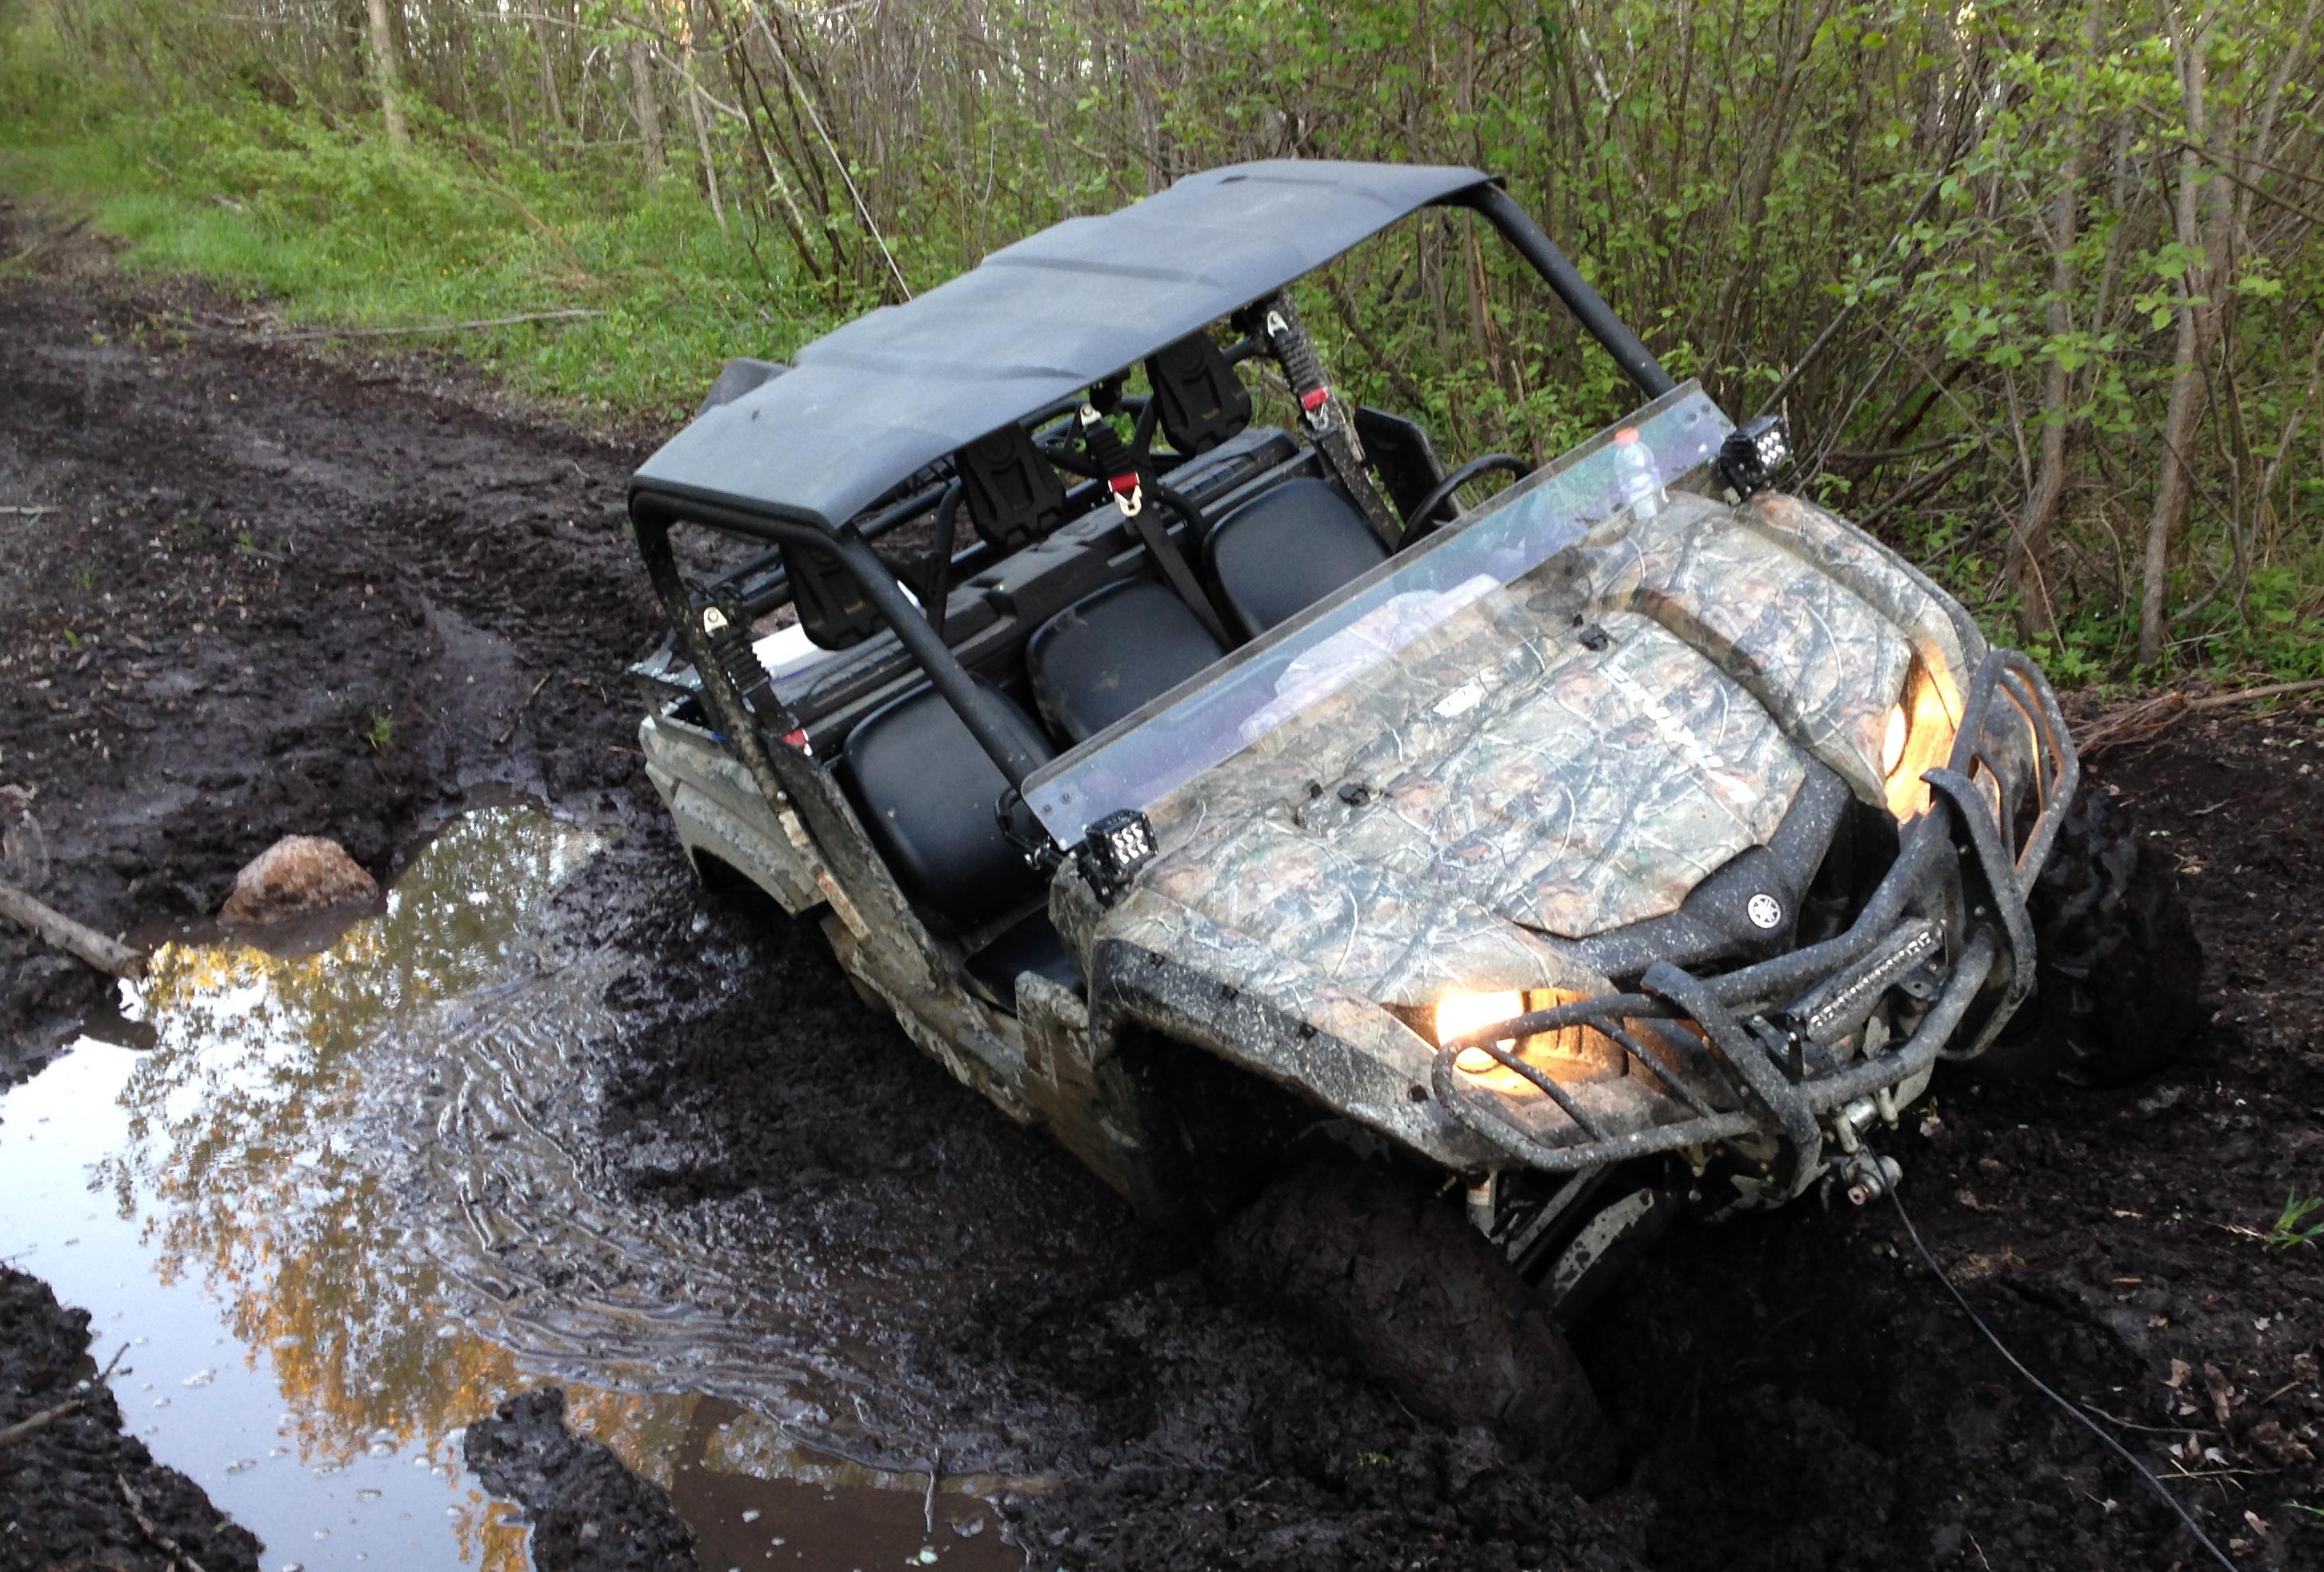 De la boue à souhait! Mais pas dans tous les sentiers, bien sûr! Photo : Guylaine Tremblay